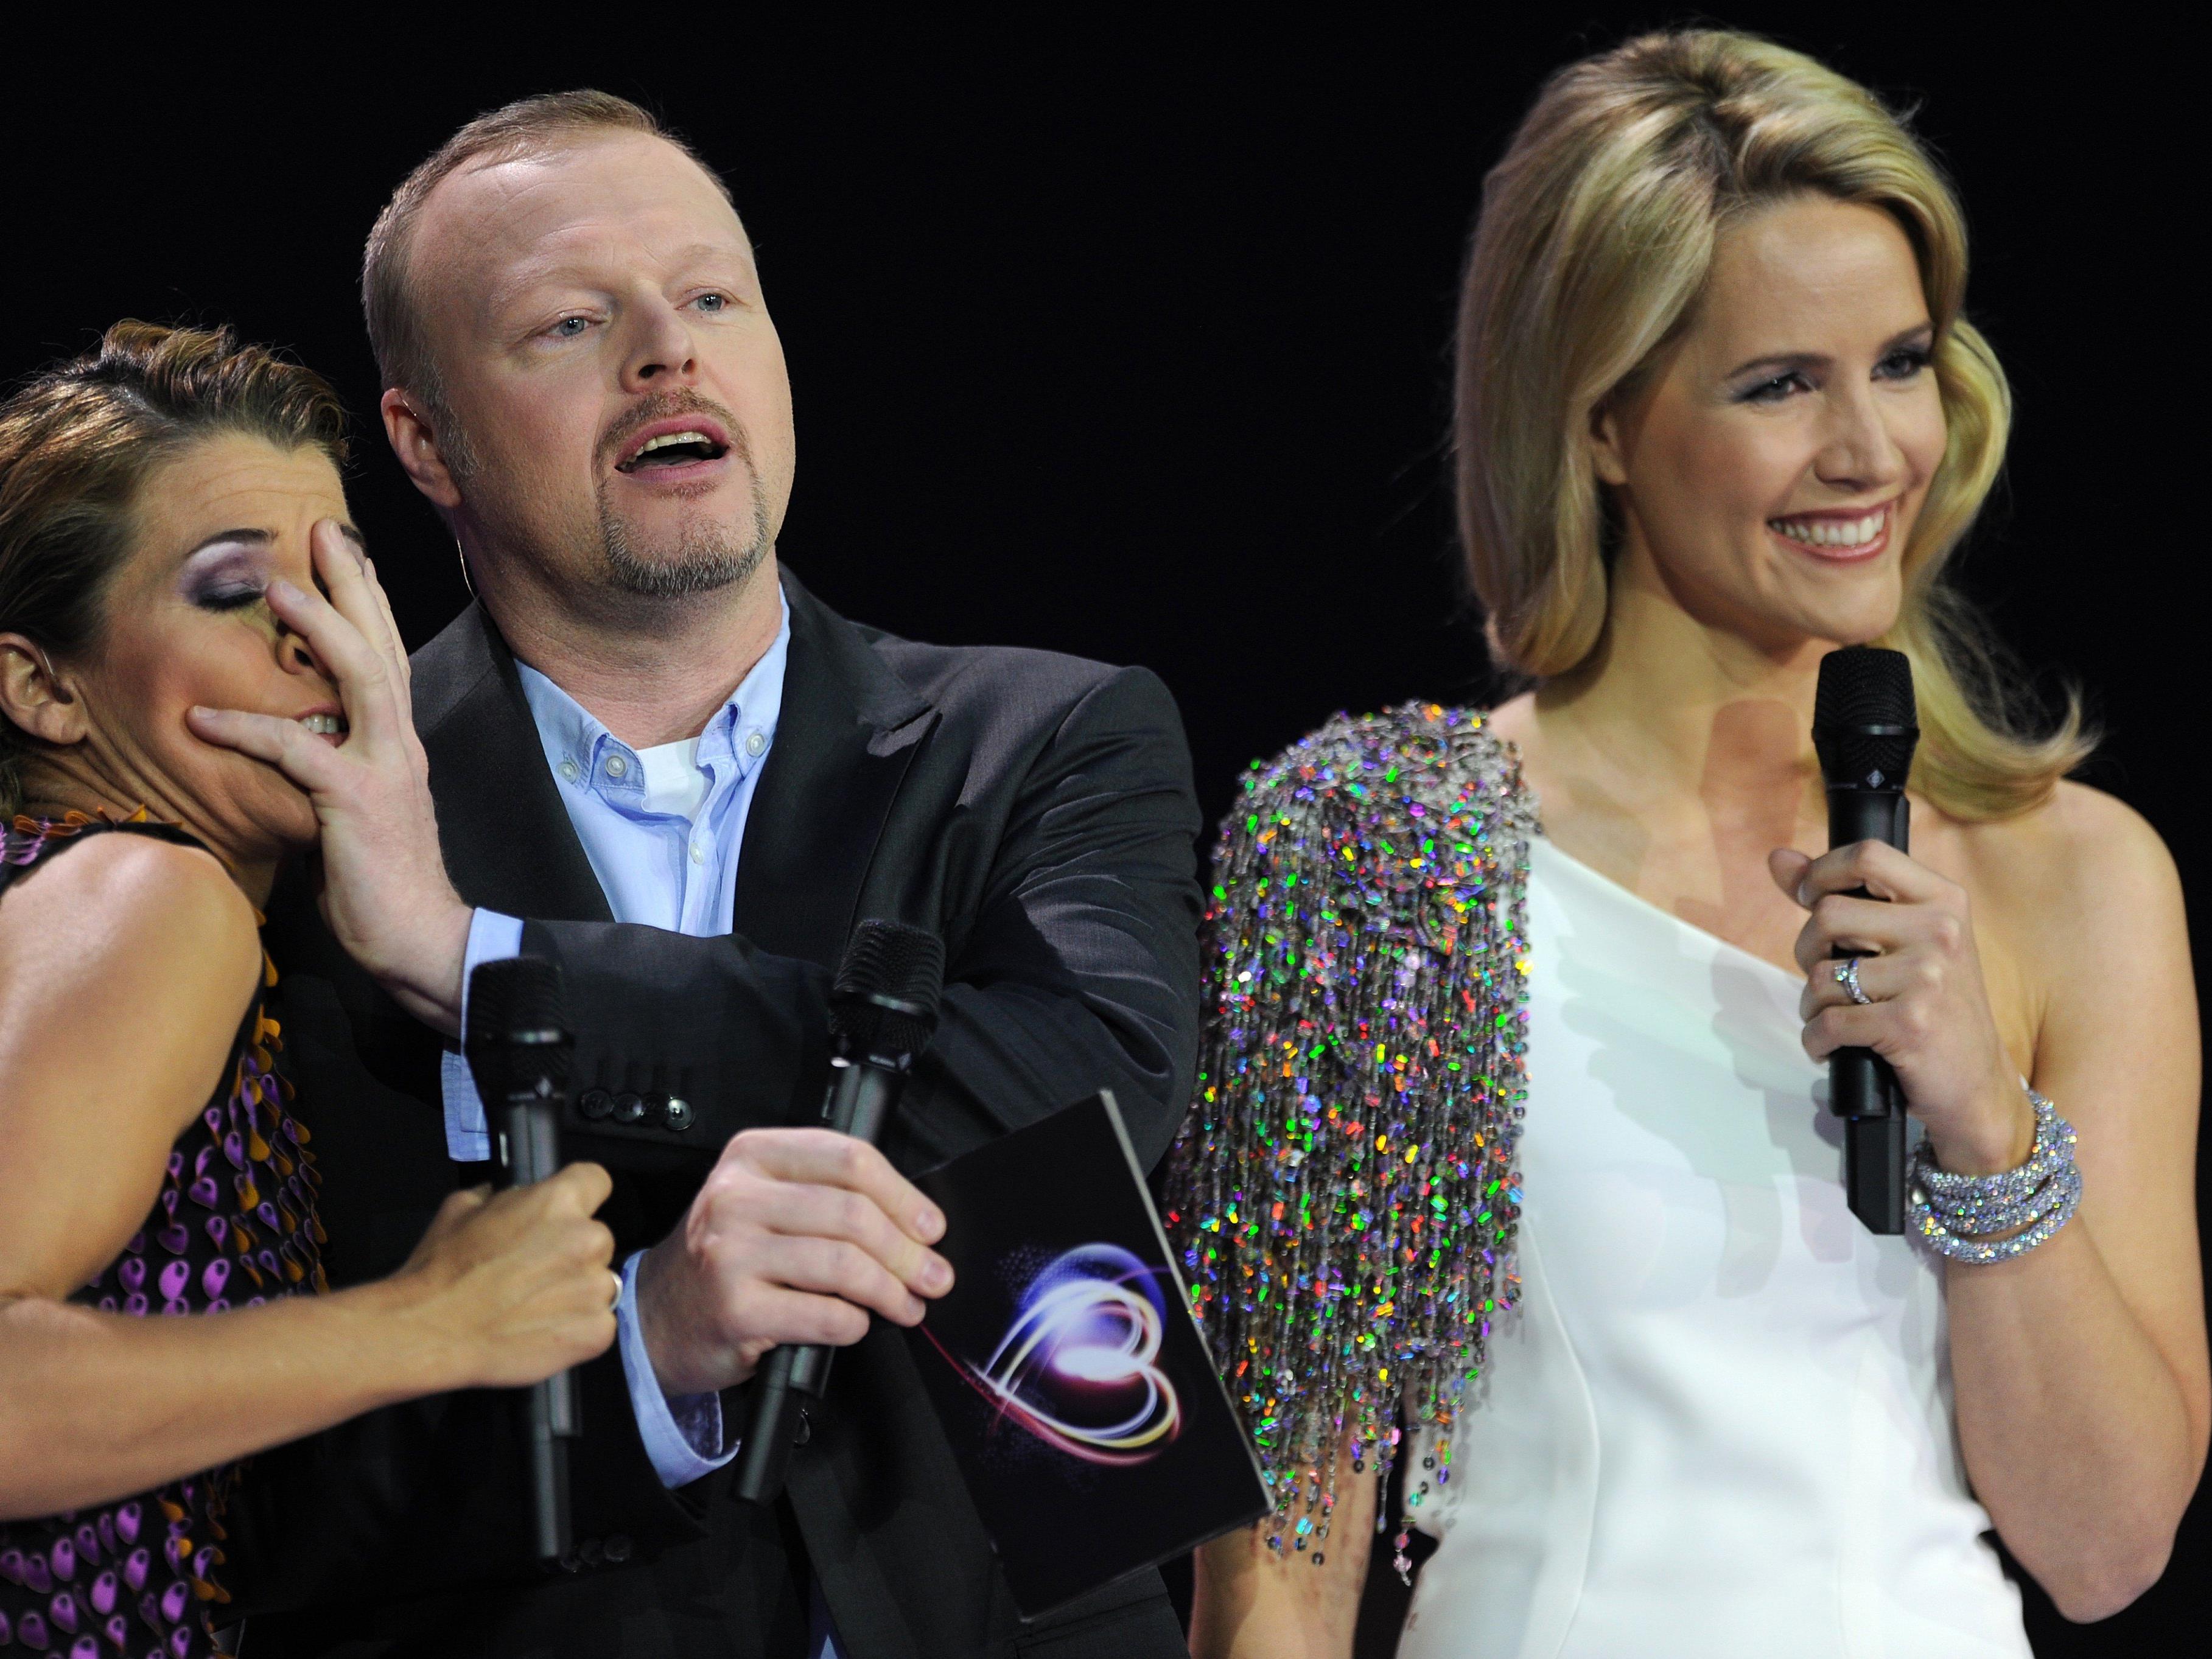 Stefan Raab mit Anke Engelke (links) und Judith Rakers.